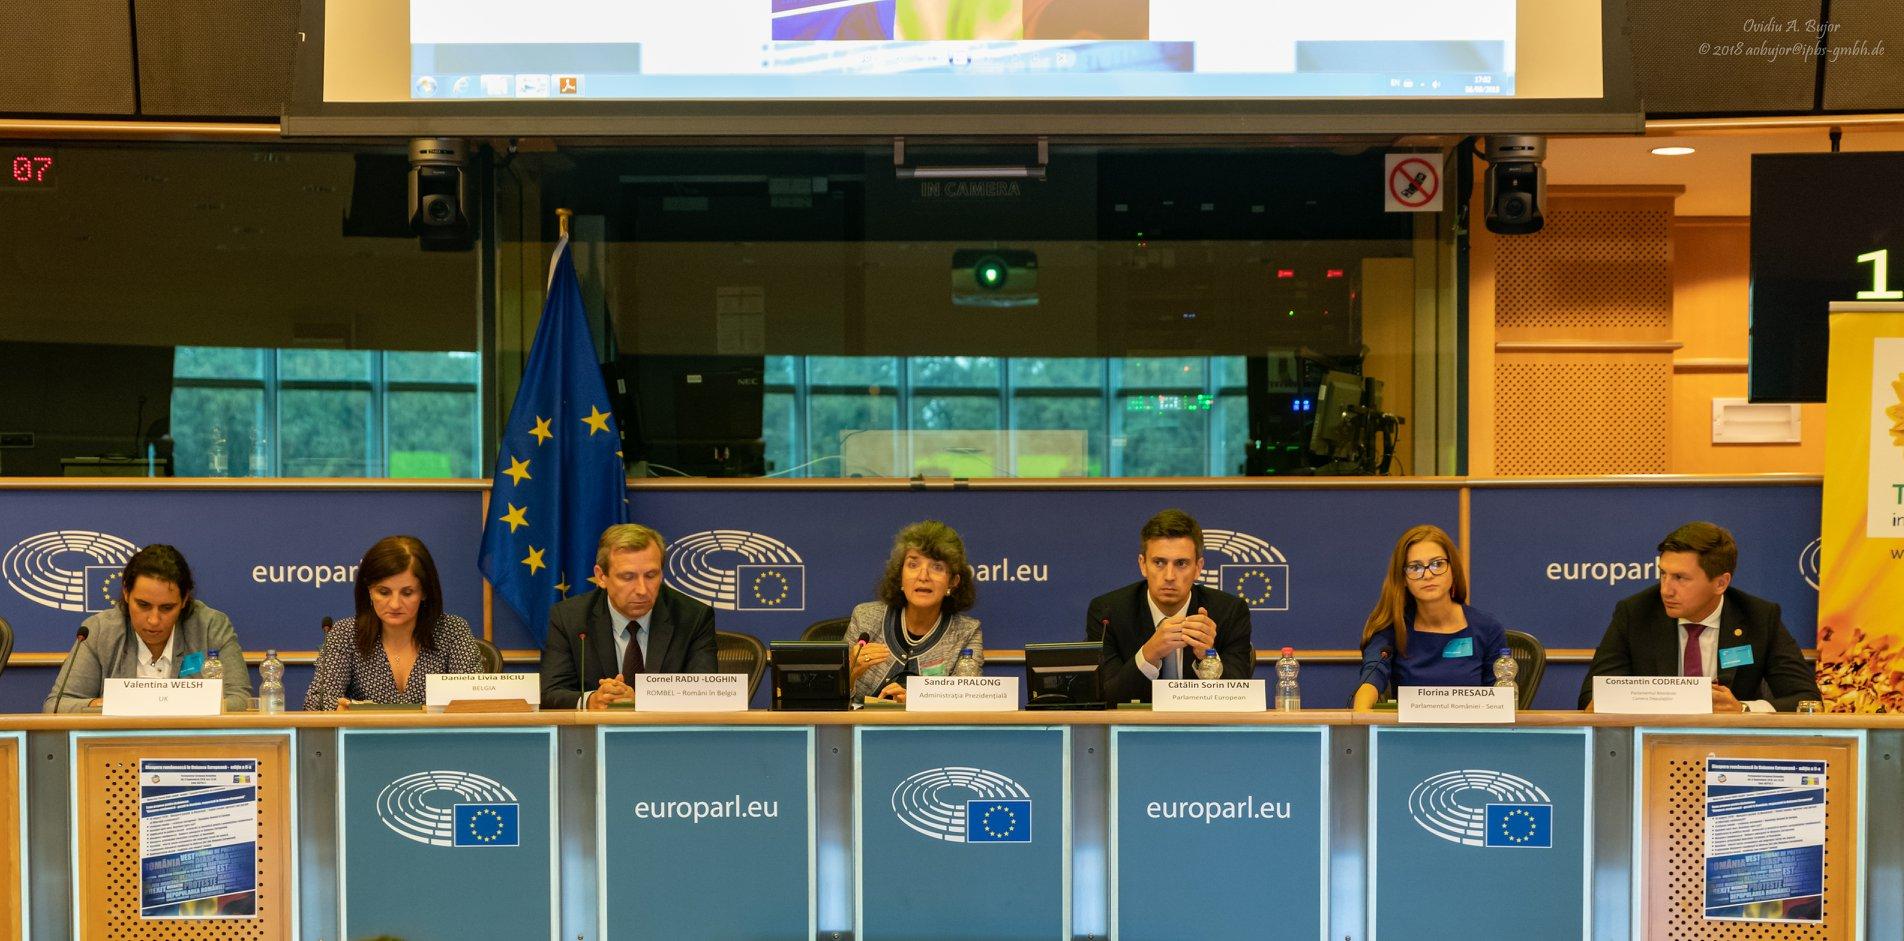 """Dezbaterea cu tema """"Diaspora românească în Uniunea Europeană"""" organizată în Parlamentul European"""